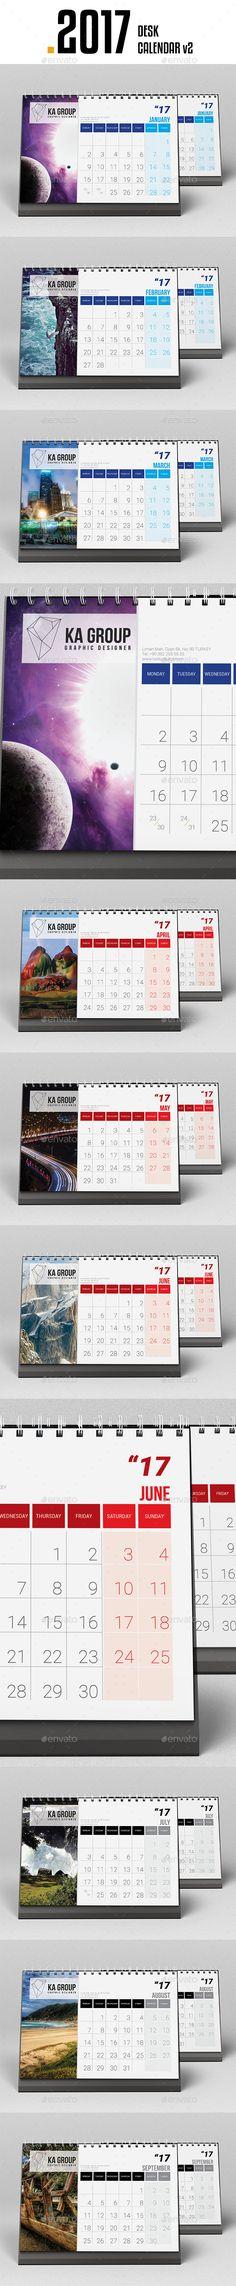 Wall Calendar 2017 Calendar 2017, Template and Walls